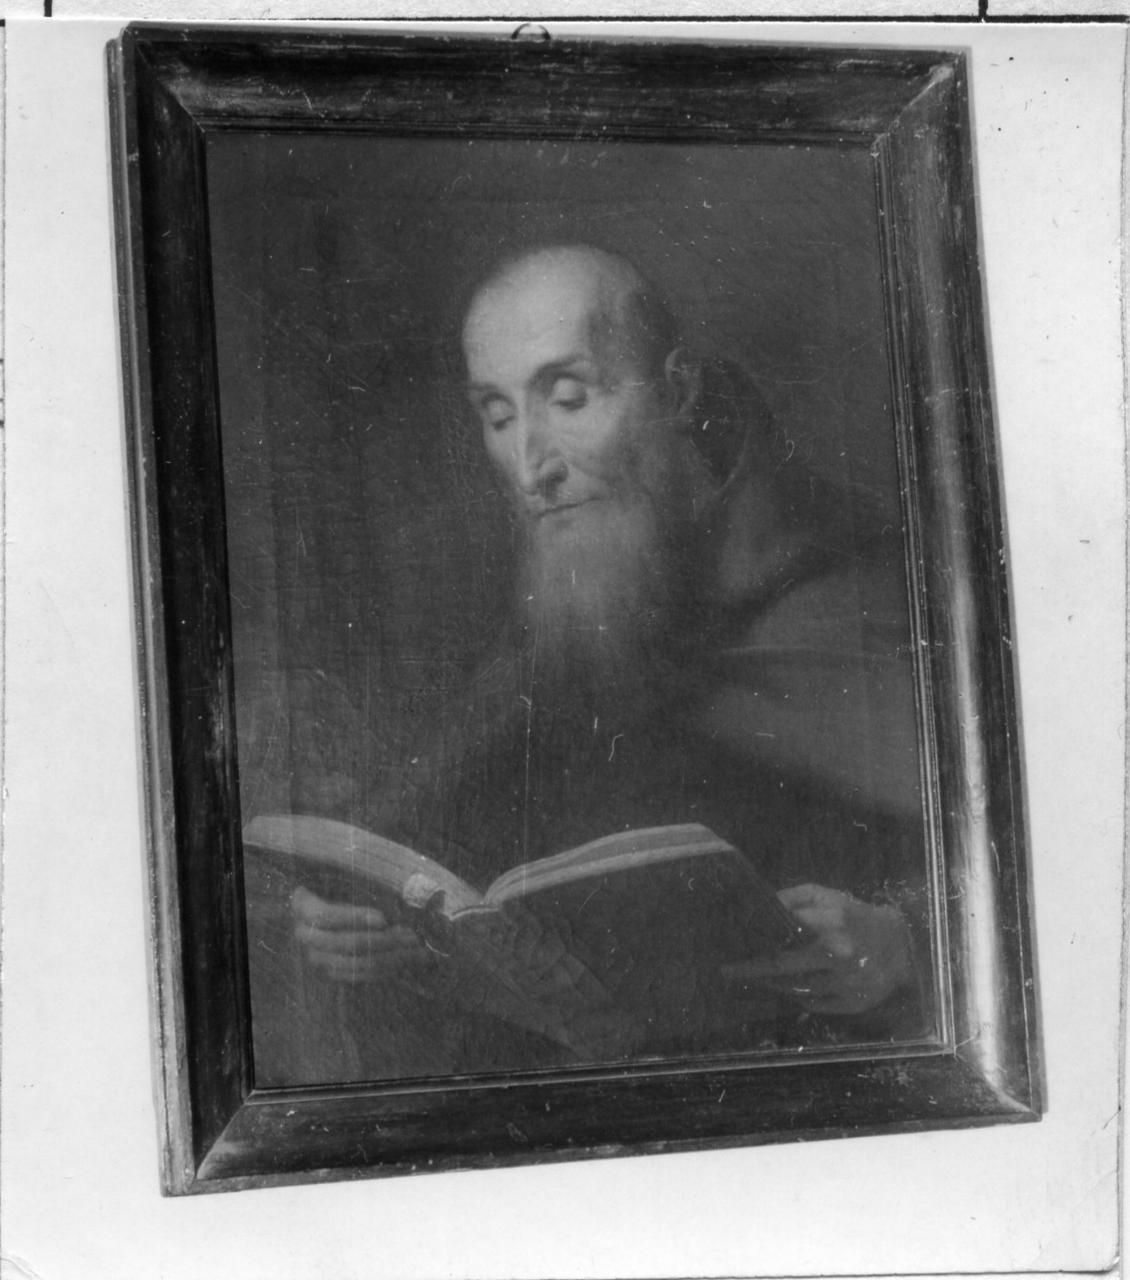 santo cappuccino (dipinto) - ambito emiliano (prima metà sec. XIX)